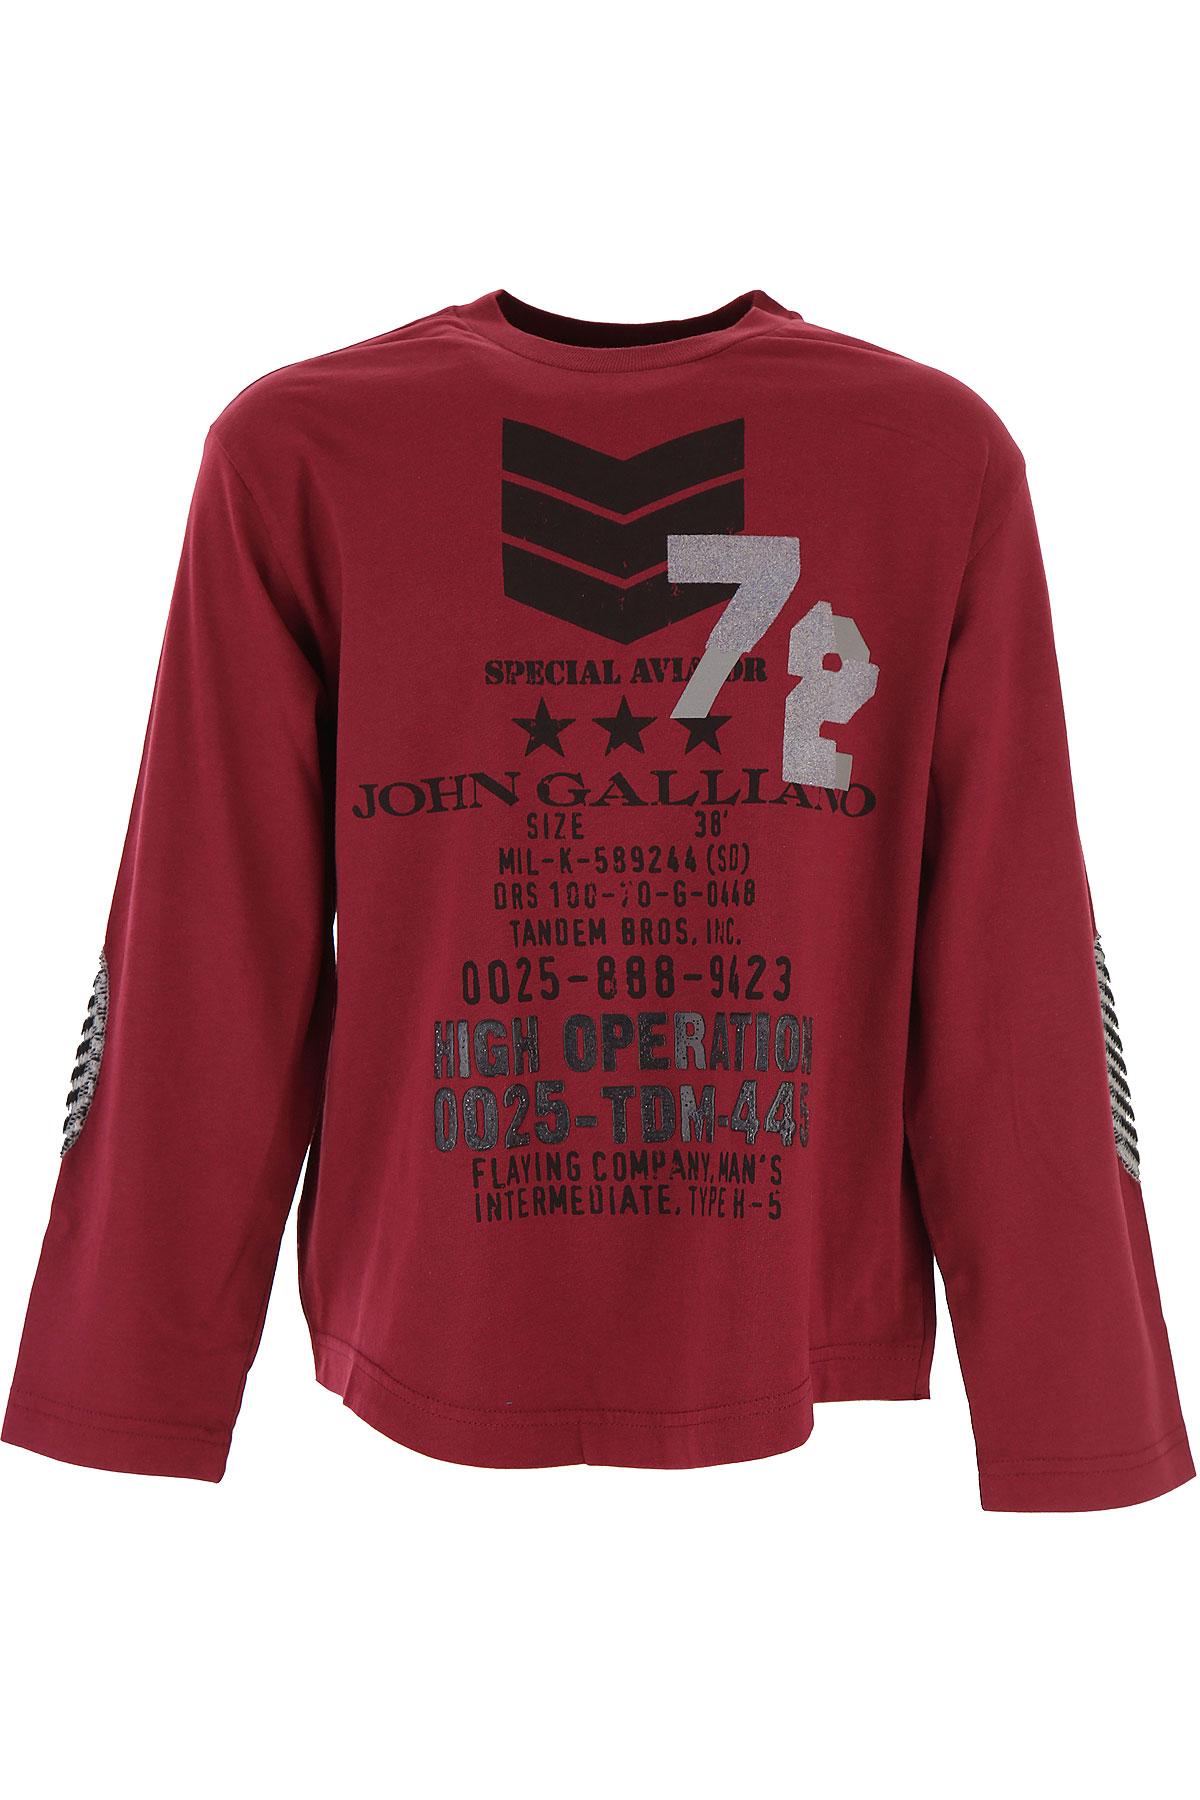 Galliano T-Shirt Enfant pour Garçon, Bordeaux, Coton, 2017, 10Y 12Y 14Y 16Y 4Y 6Y 8Y